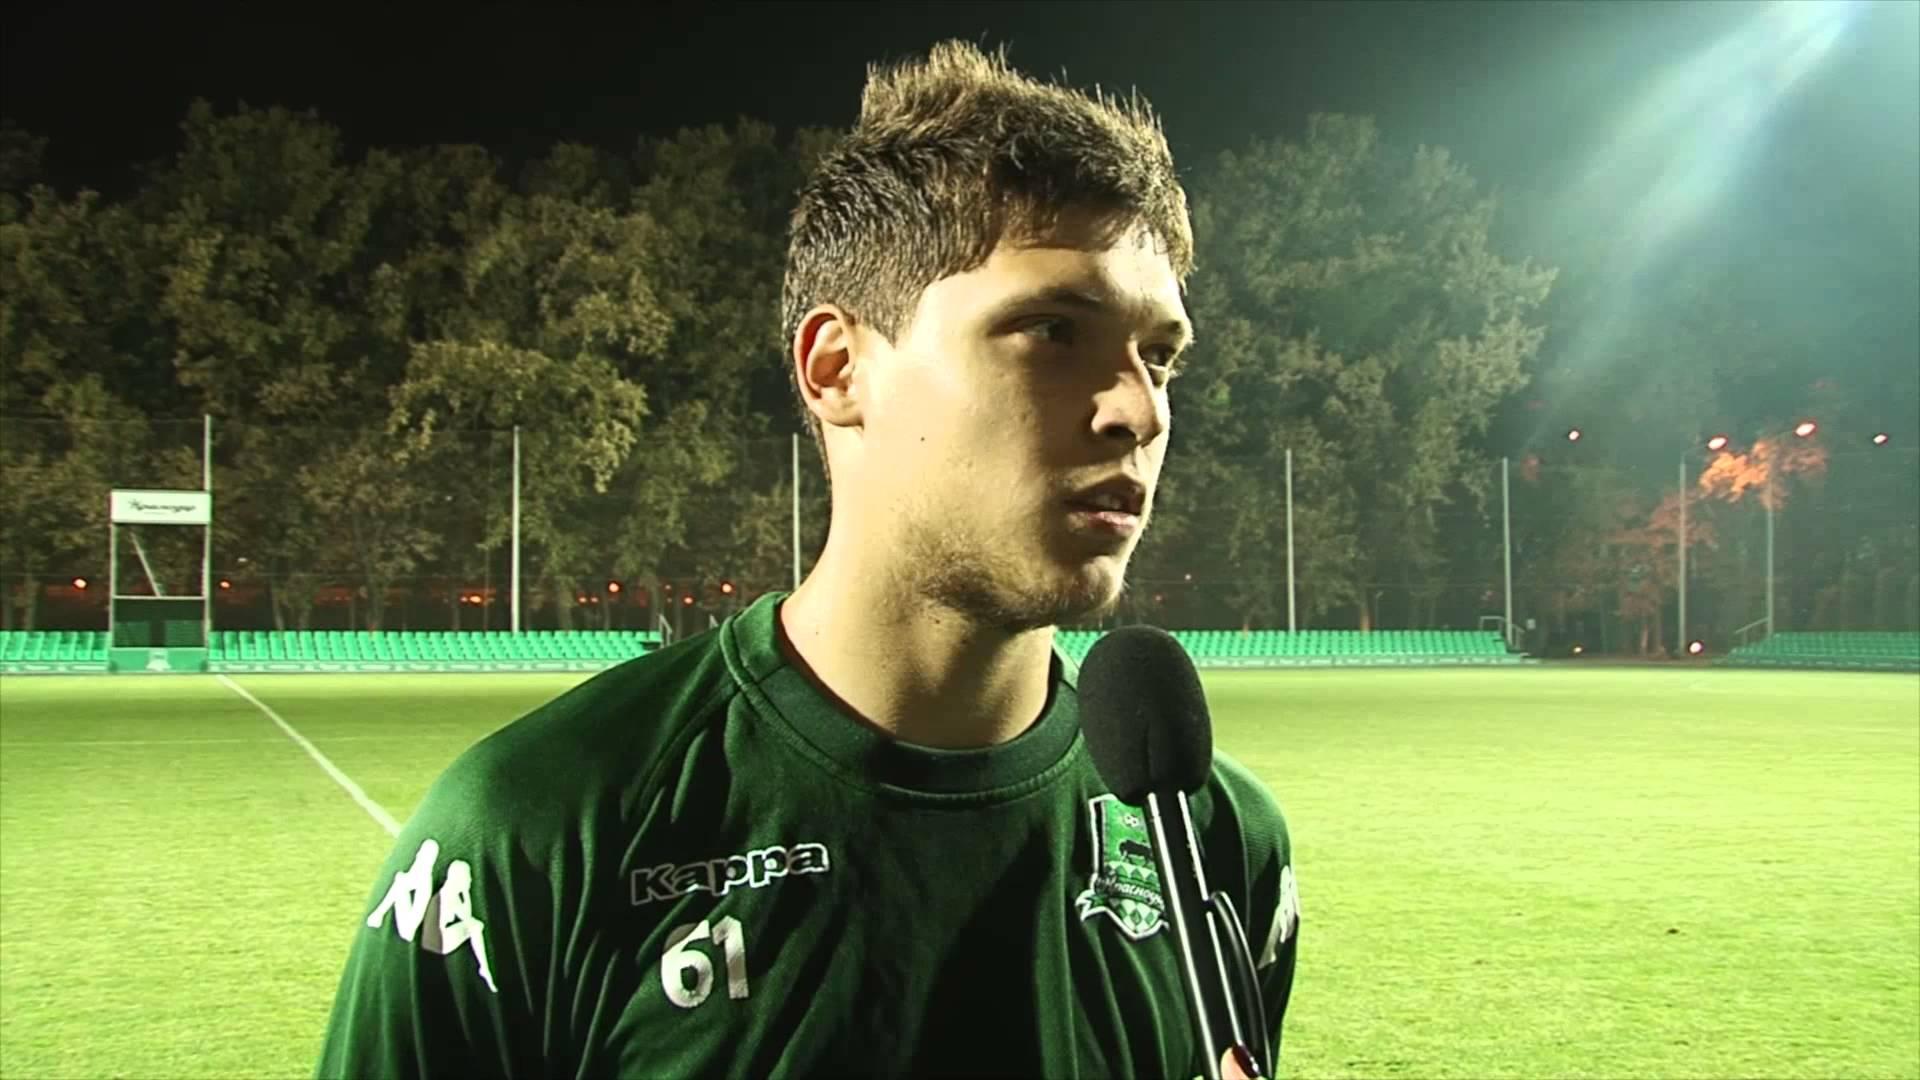 Дмитрий Горячкин: «Нам не хватает концентрации на последние минуты»